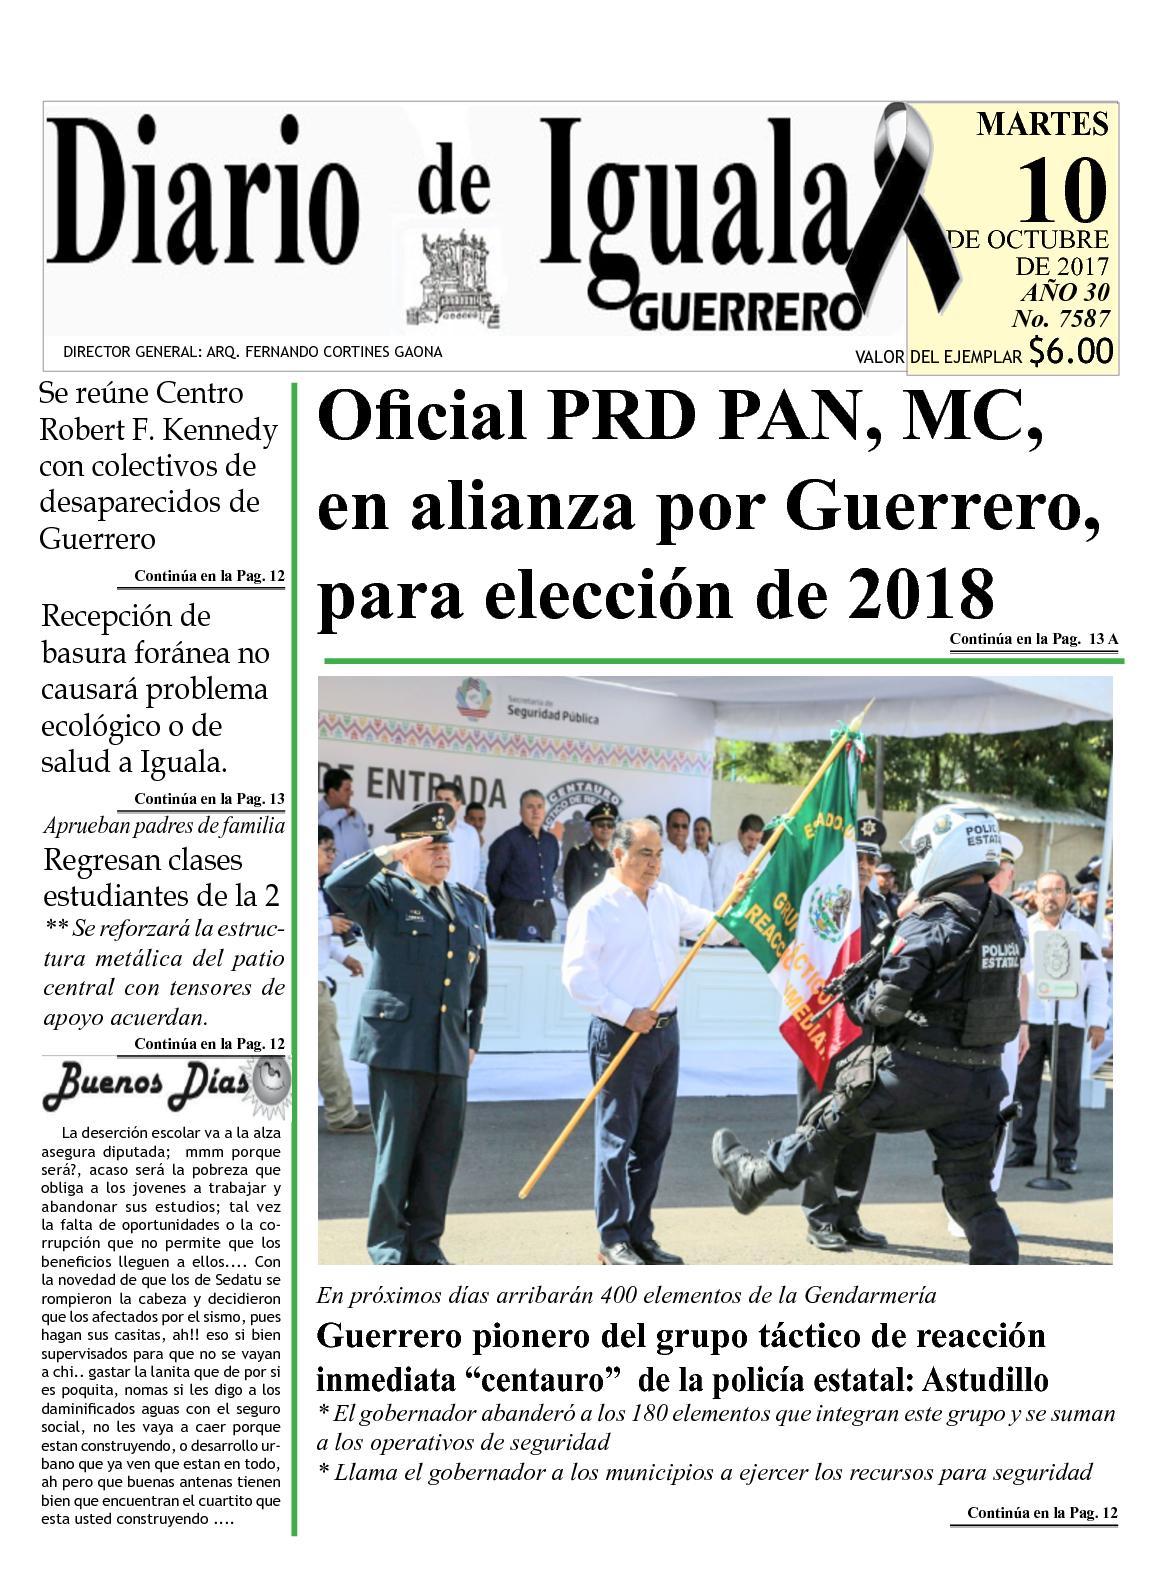 Calaméo - Diario De Iguala Martes 10 De Octubre De 2017 Hoy